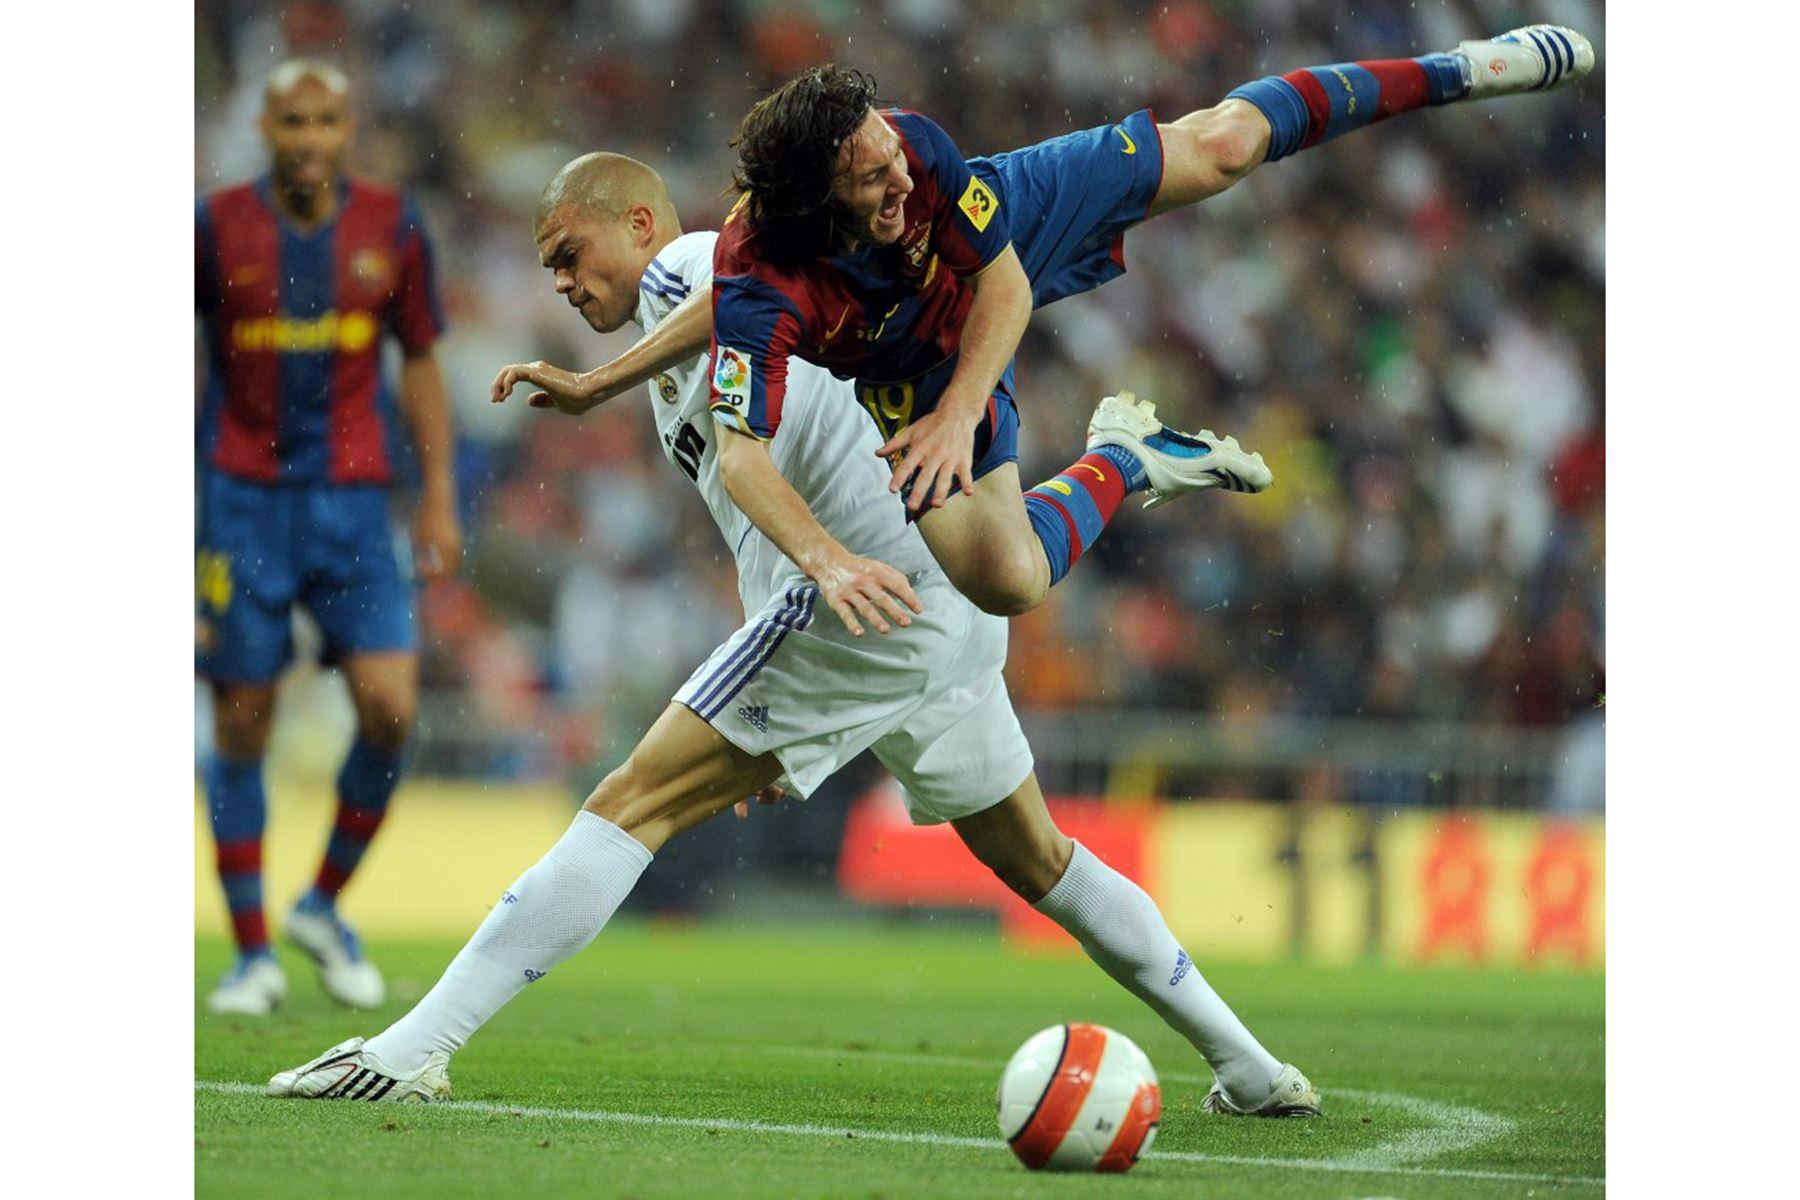 Lionel Messi (izq.) del Barcelona compite con Pepe (izq.) del Real Madrid durante un partido de fútbol de la liga española en el estadio Santiago Bernabeu el 7 de mayo de 2008. Foto: AFP